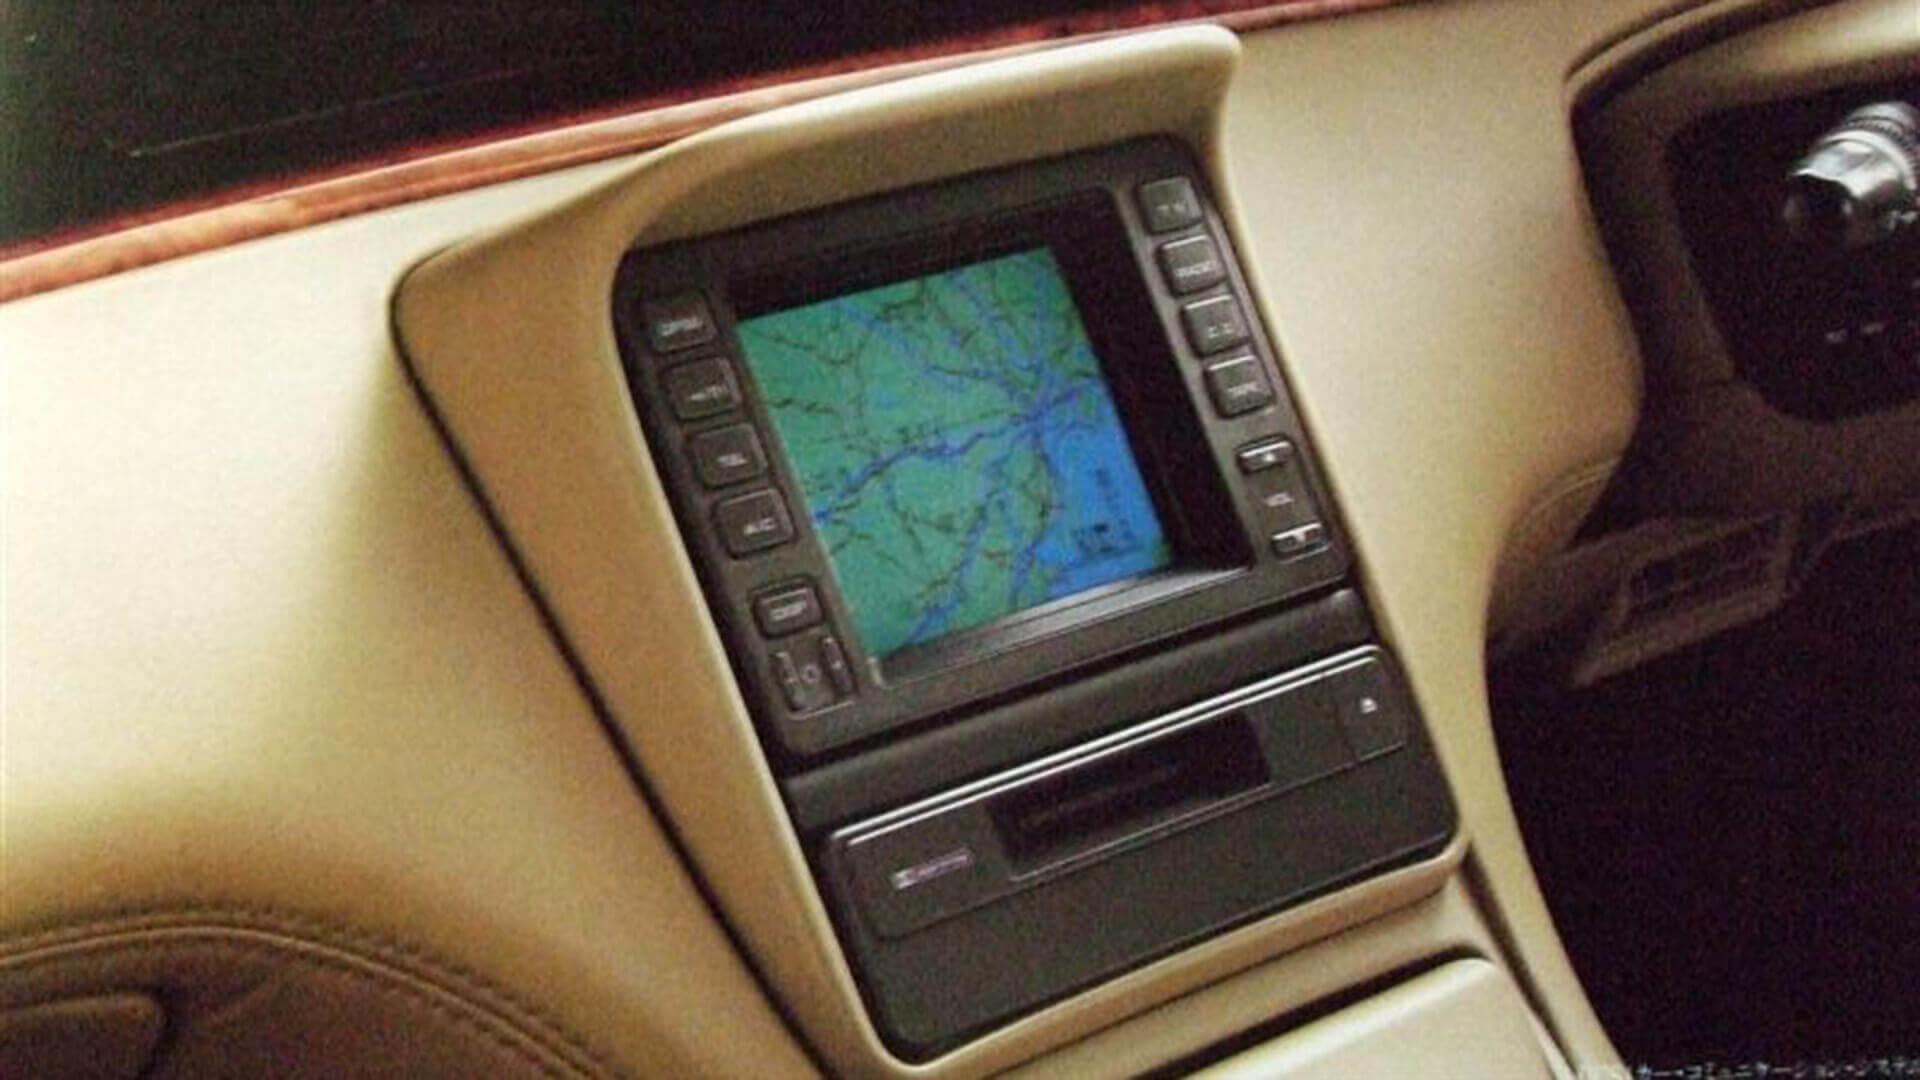 Istoria GPS-ului: În sfârșit! Primul soft de monitorizare prin GPS! | Episodul III